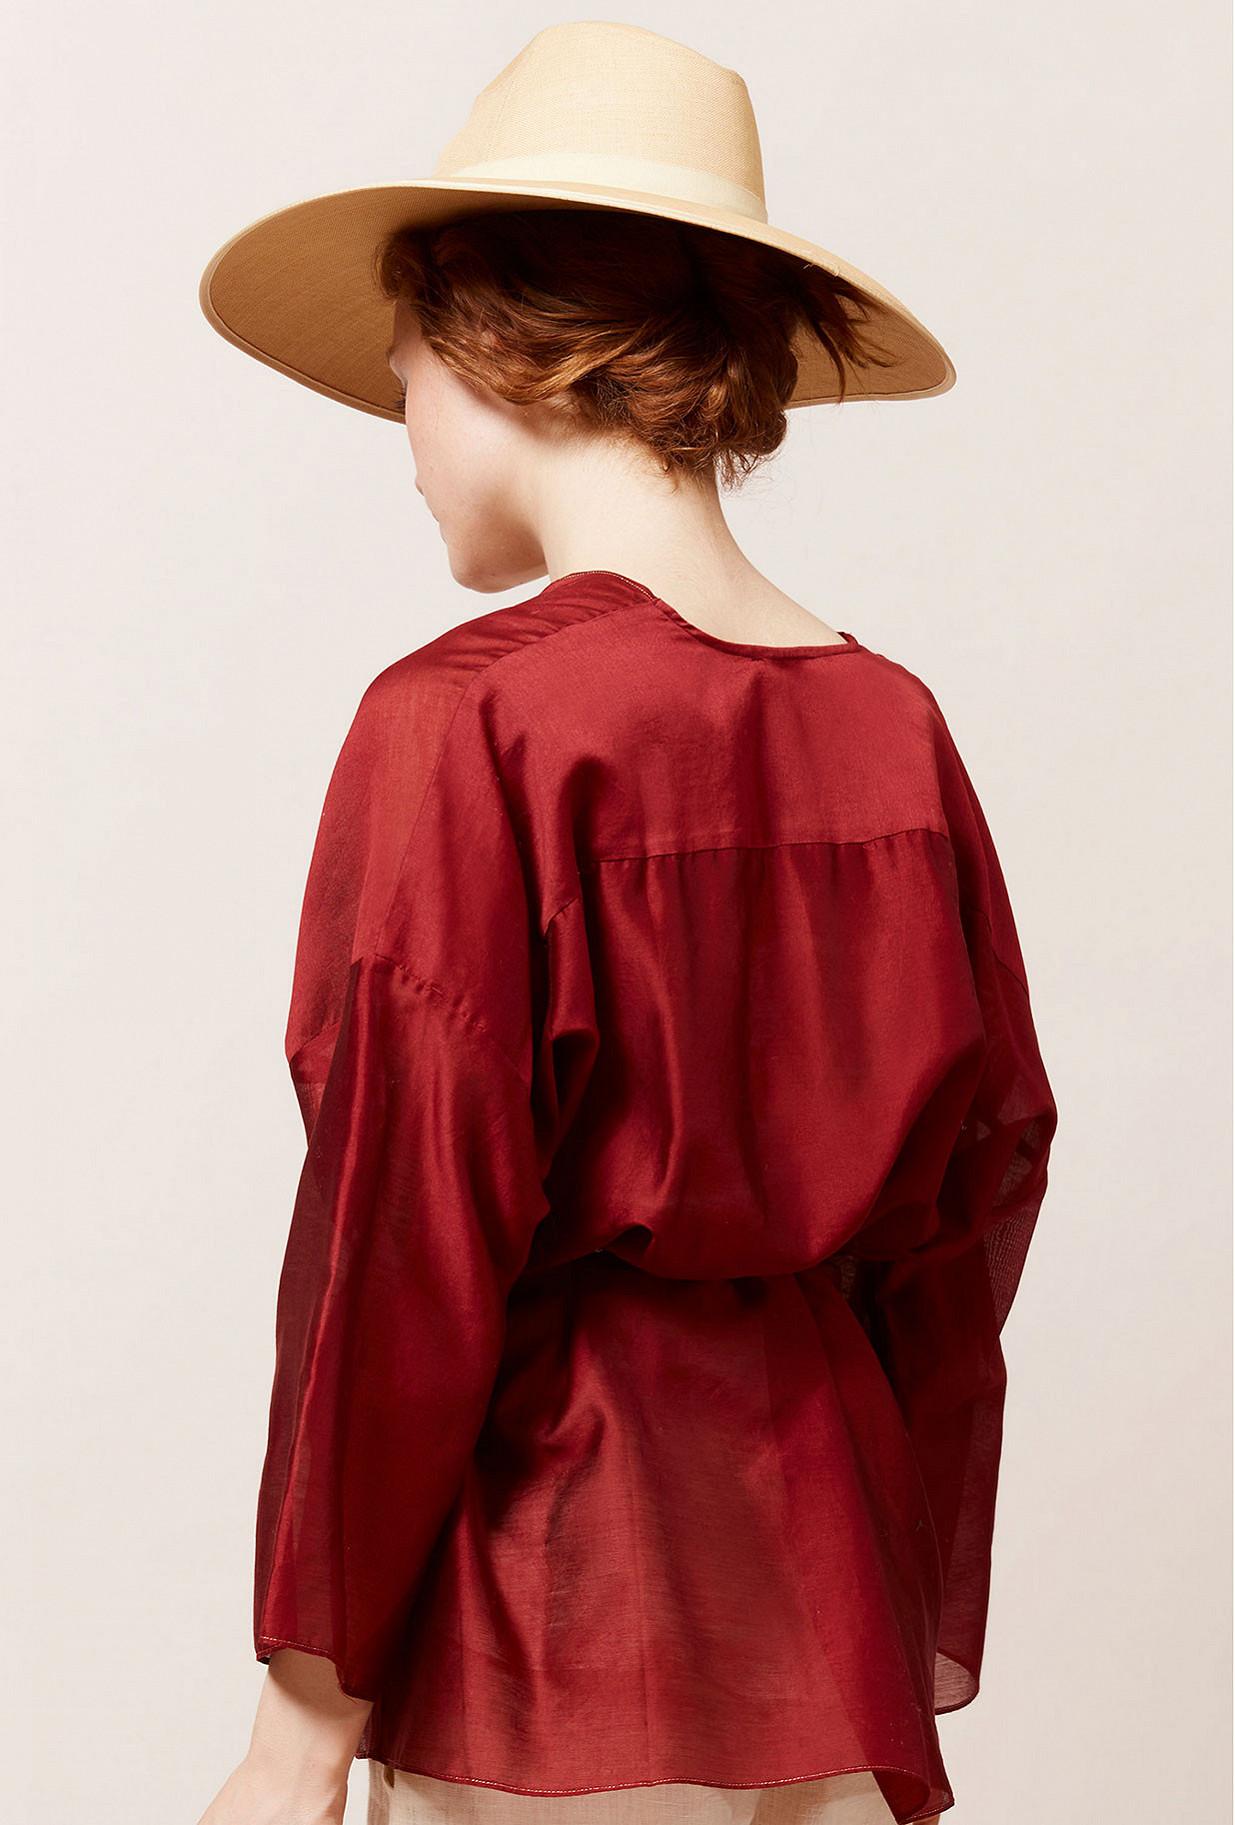 Paris boutique de mode vêtement Kimono créateur bohème  Opium